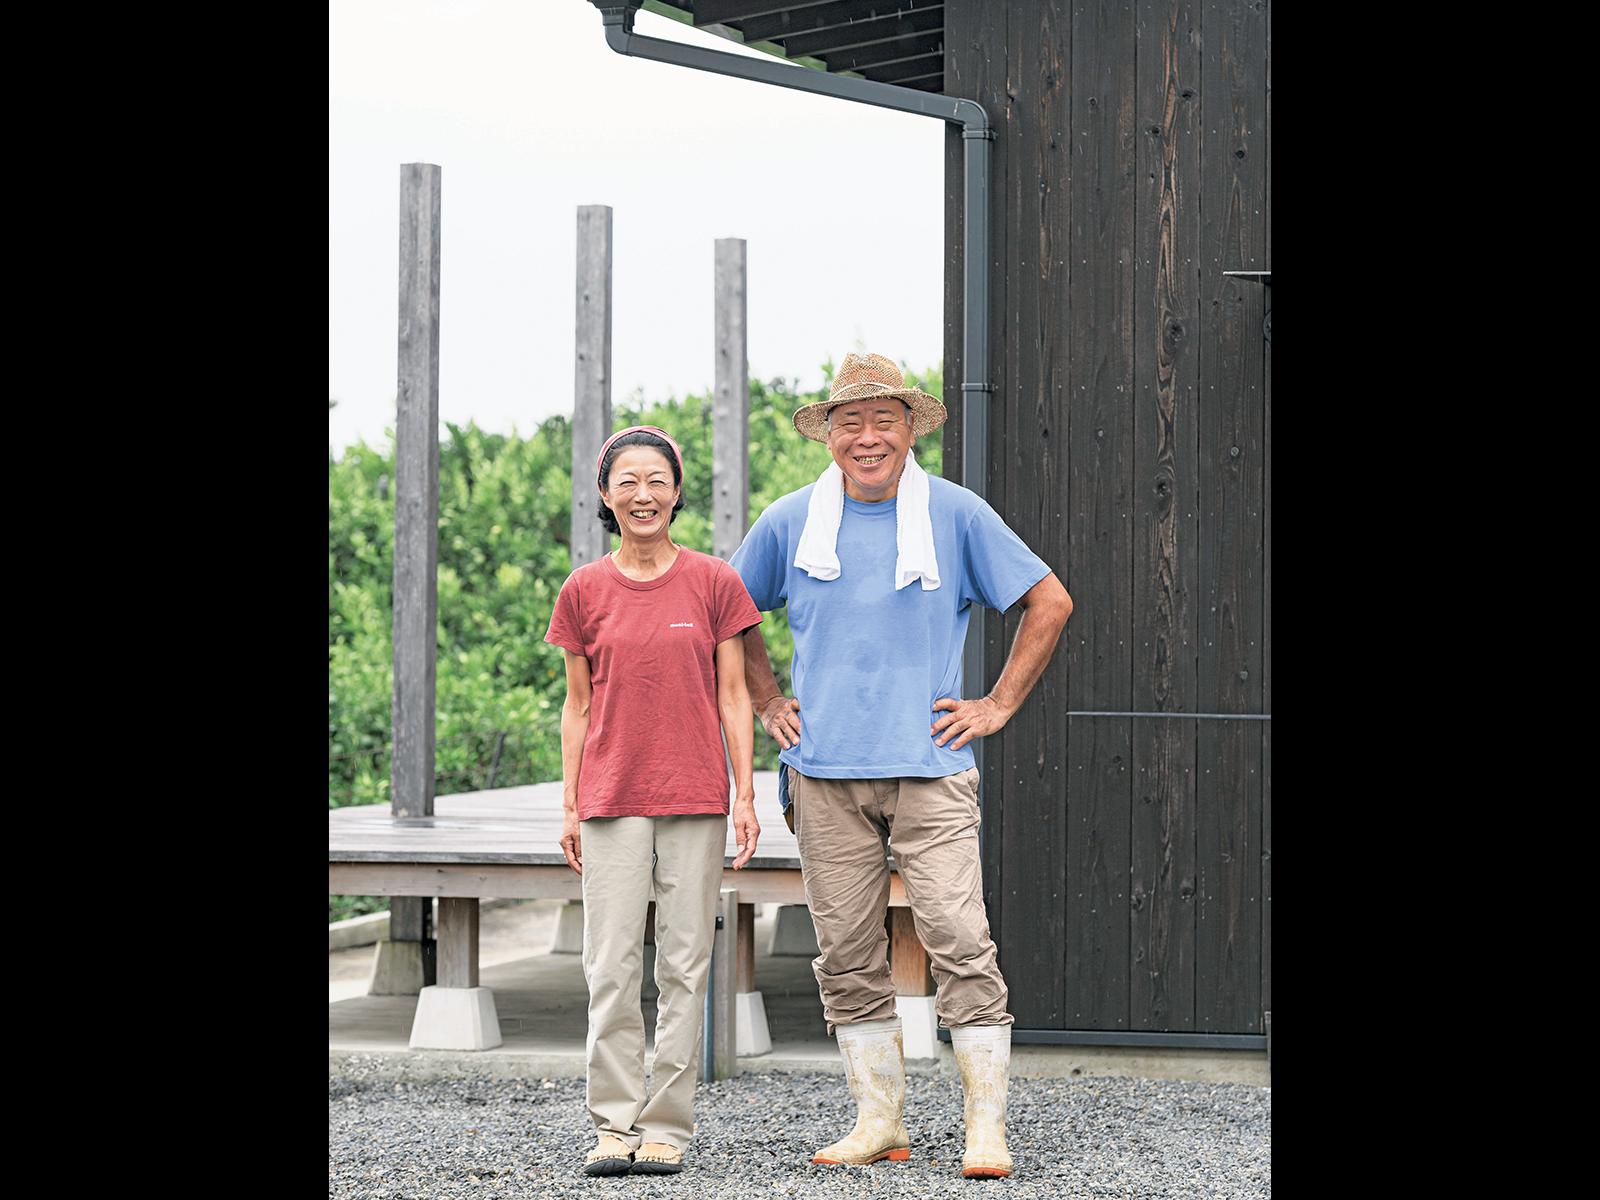 林豊さん(右)と妻のかつえさん。